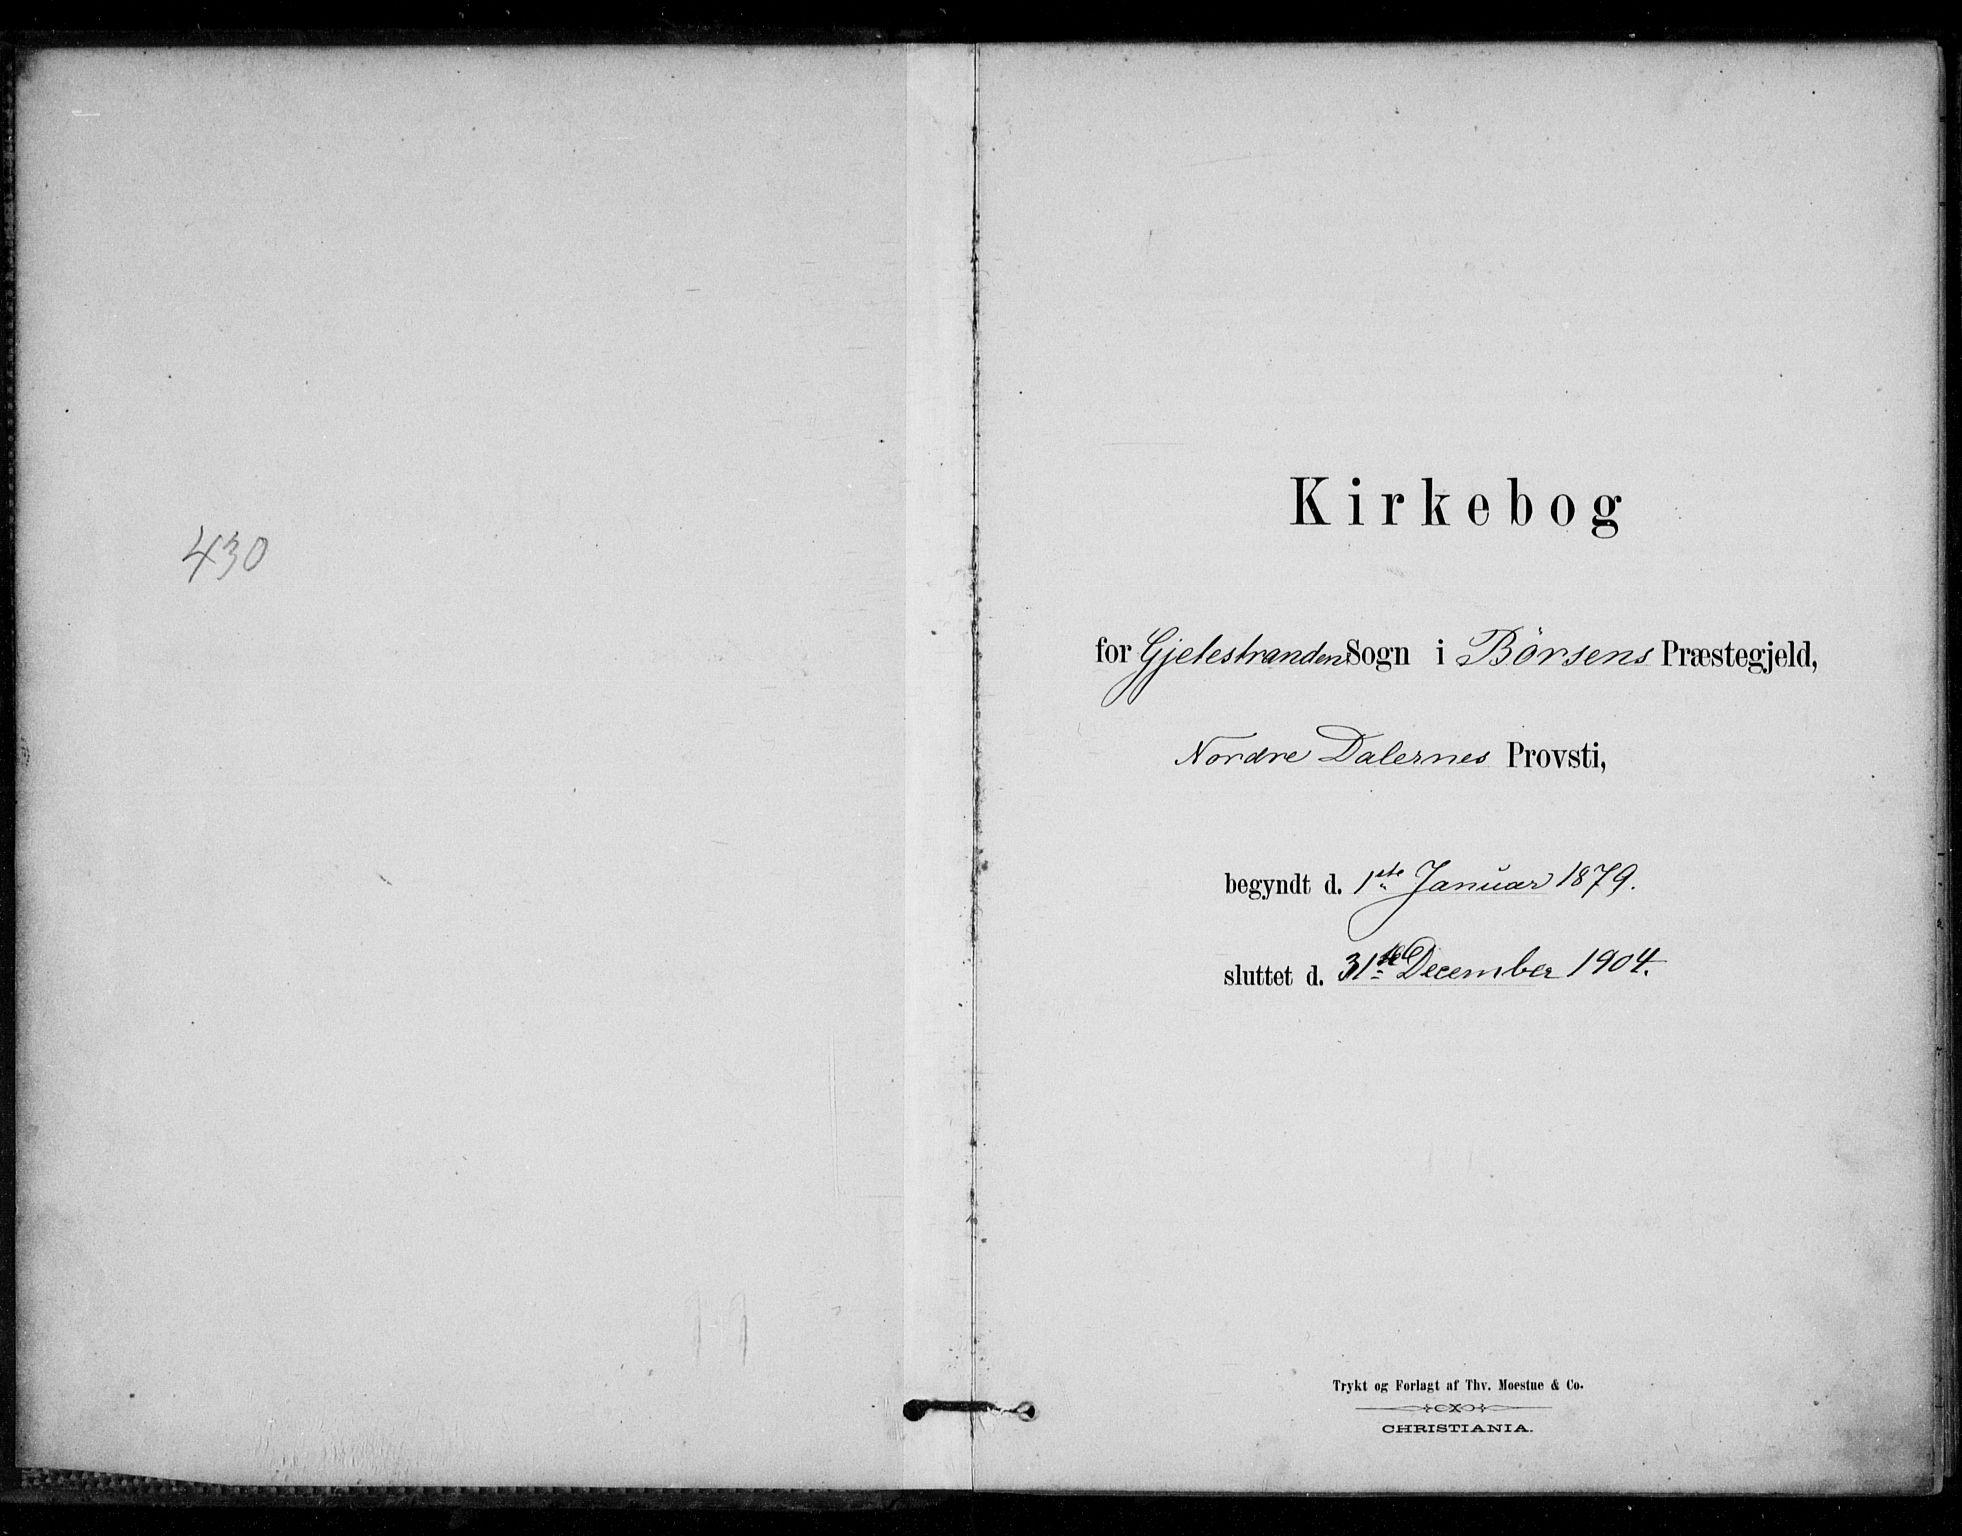 SAT, Ministerialprotokoller, klokkerbøker og fødselsregistre - Sør-Trøndelag, 670/L0836: Ministerialbok nr. 670A01, 1879-1904